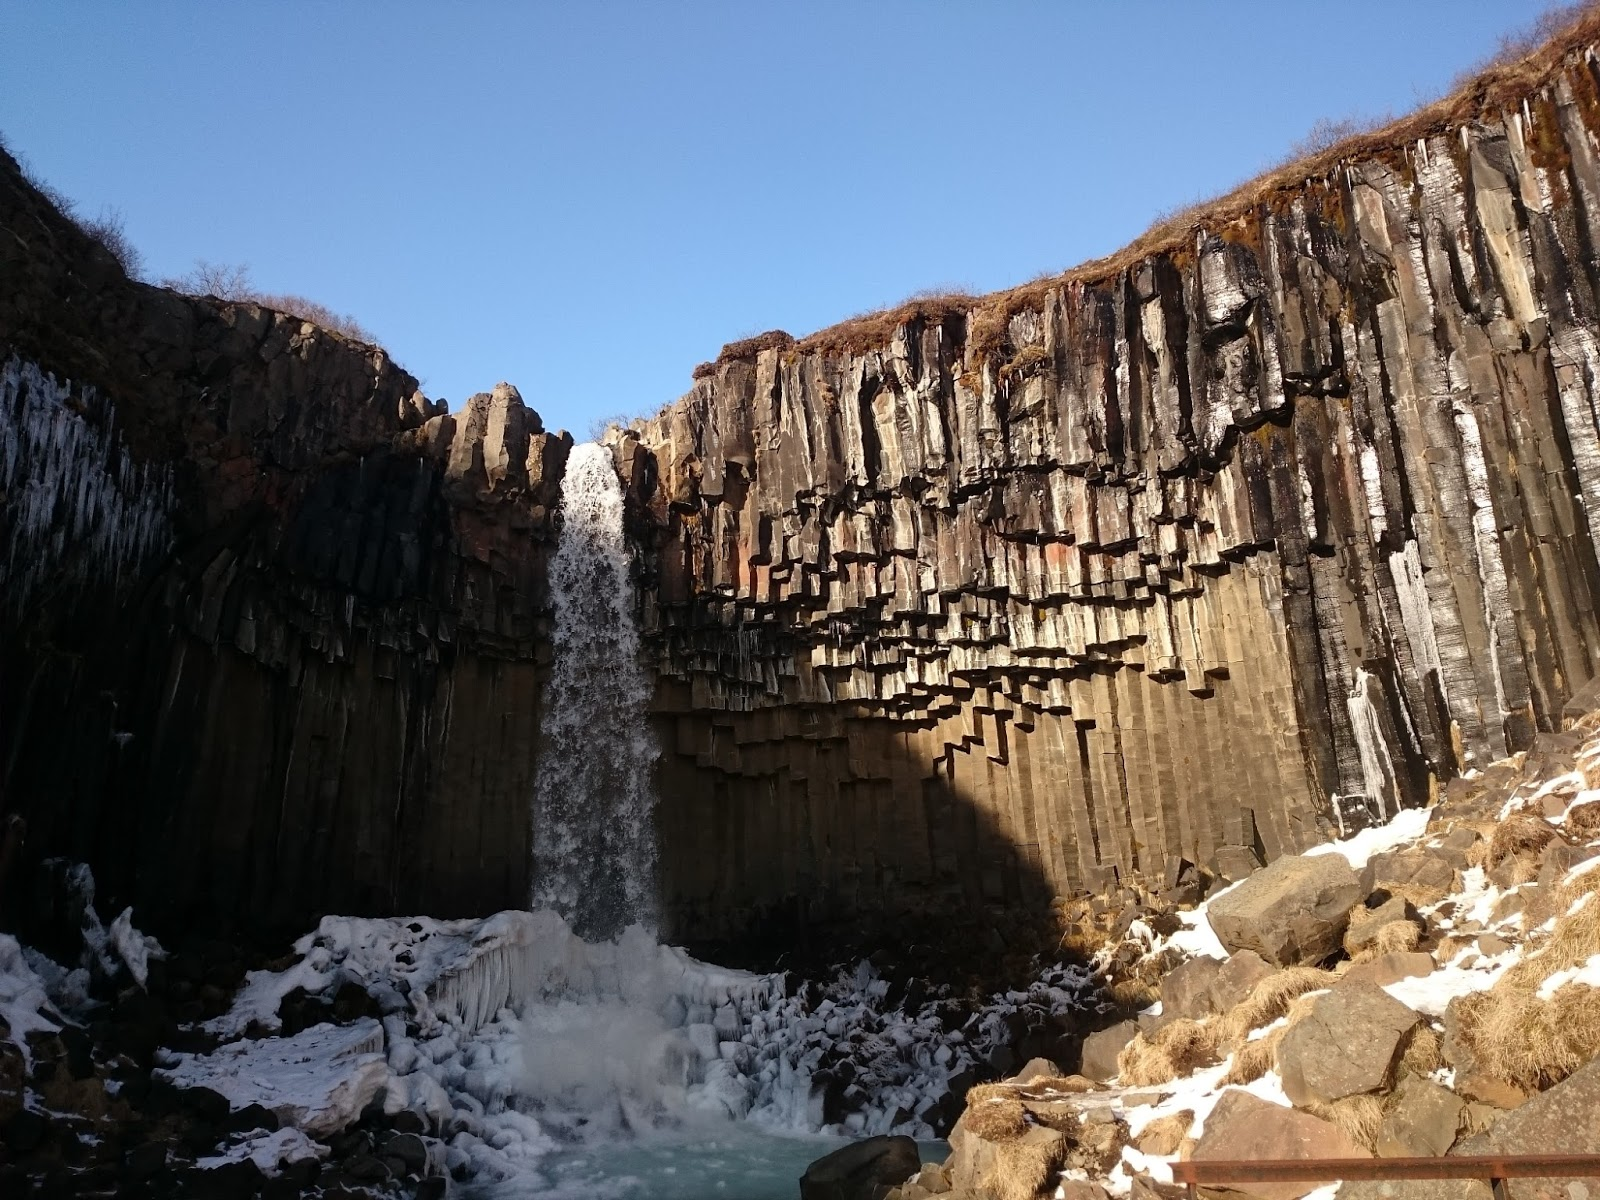 wodospad Svartifoss, islandzki wodospad, Park Skaftafell, islandzki park narodowy, Islandia, zwiedzanie Islandii, atrakcje Islandii